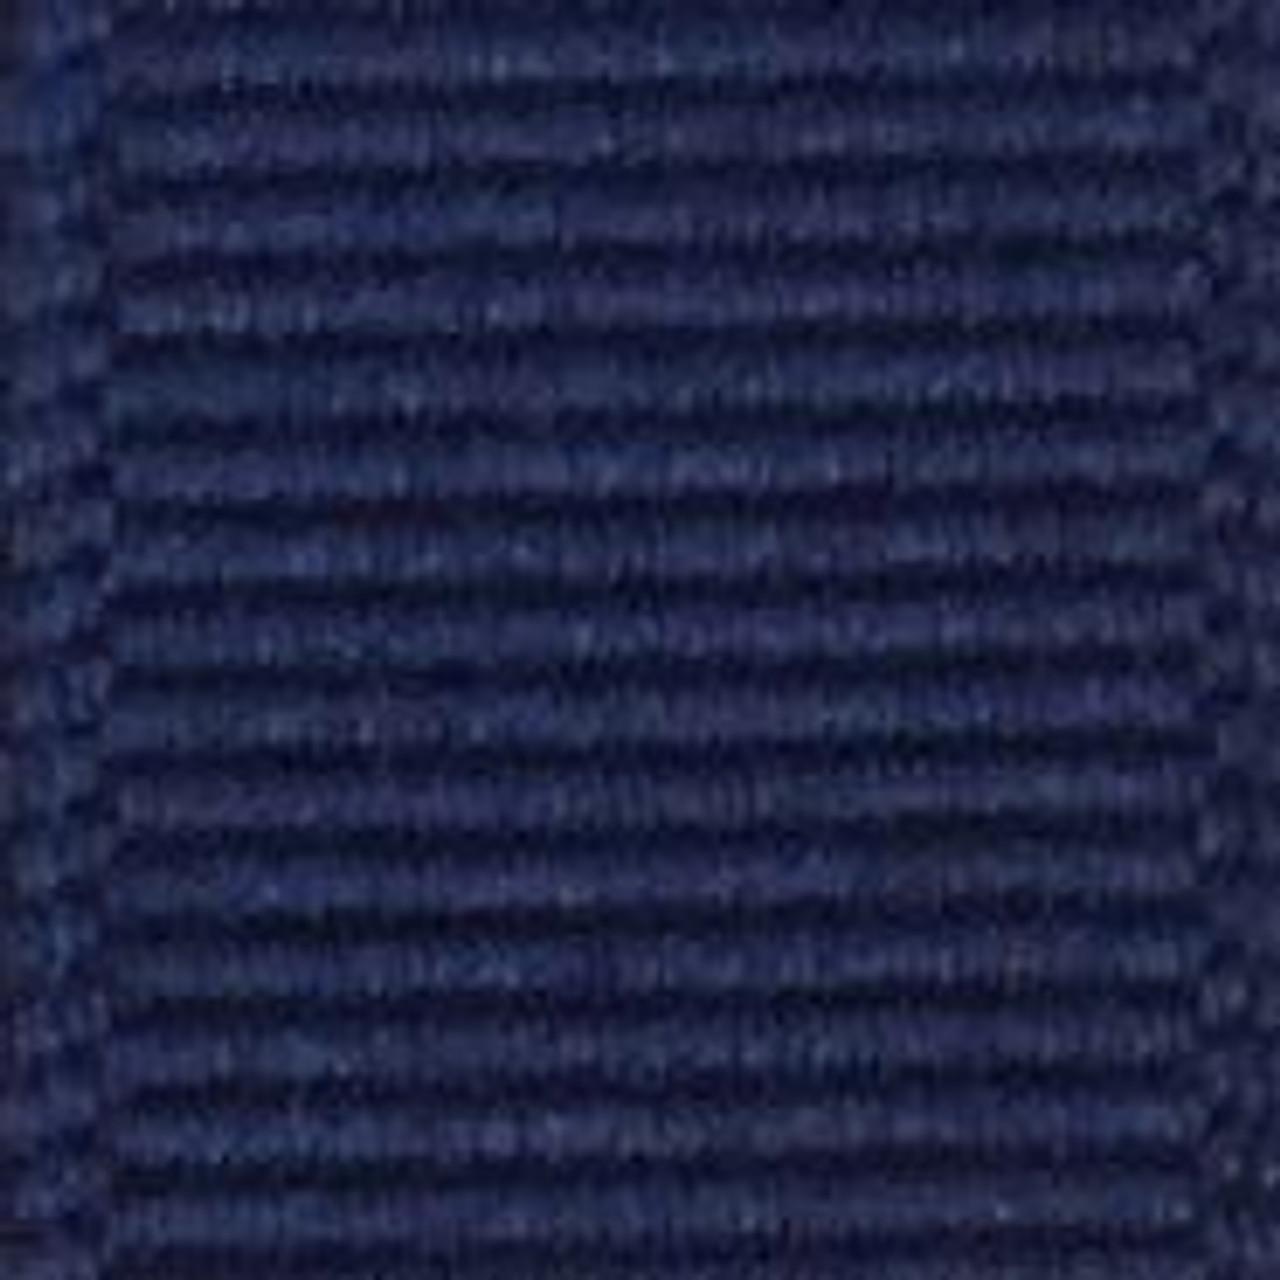 Light Navy Solid Grosgrain Ribbon